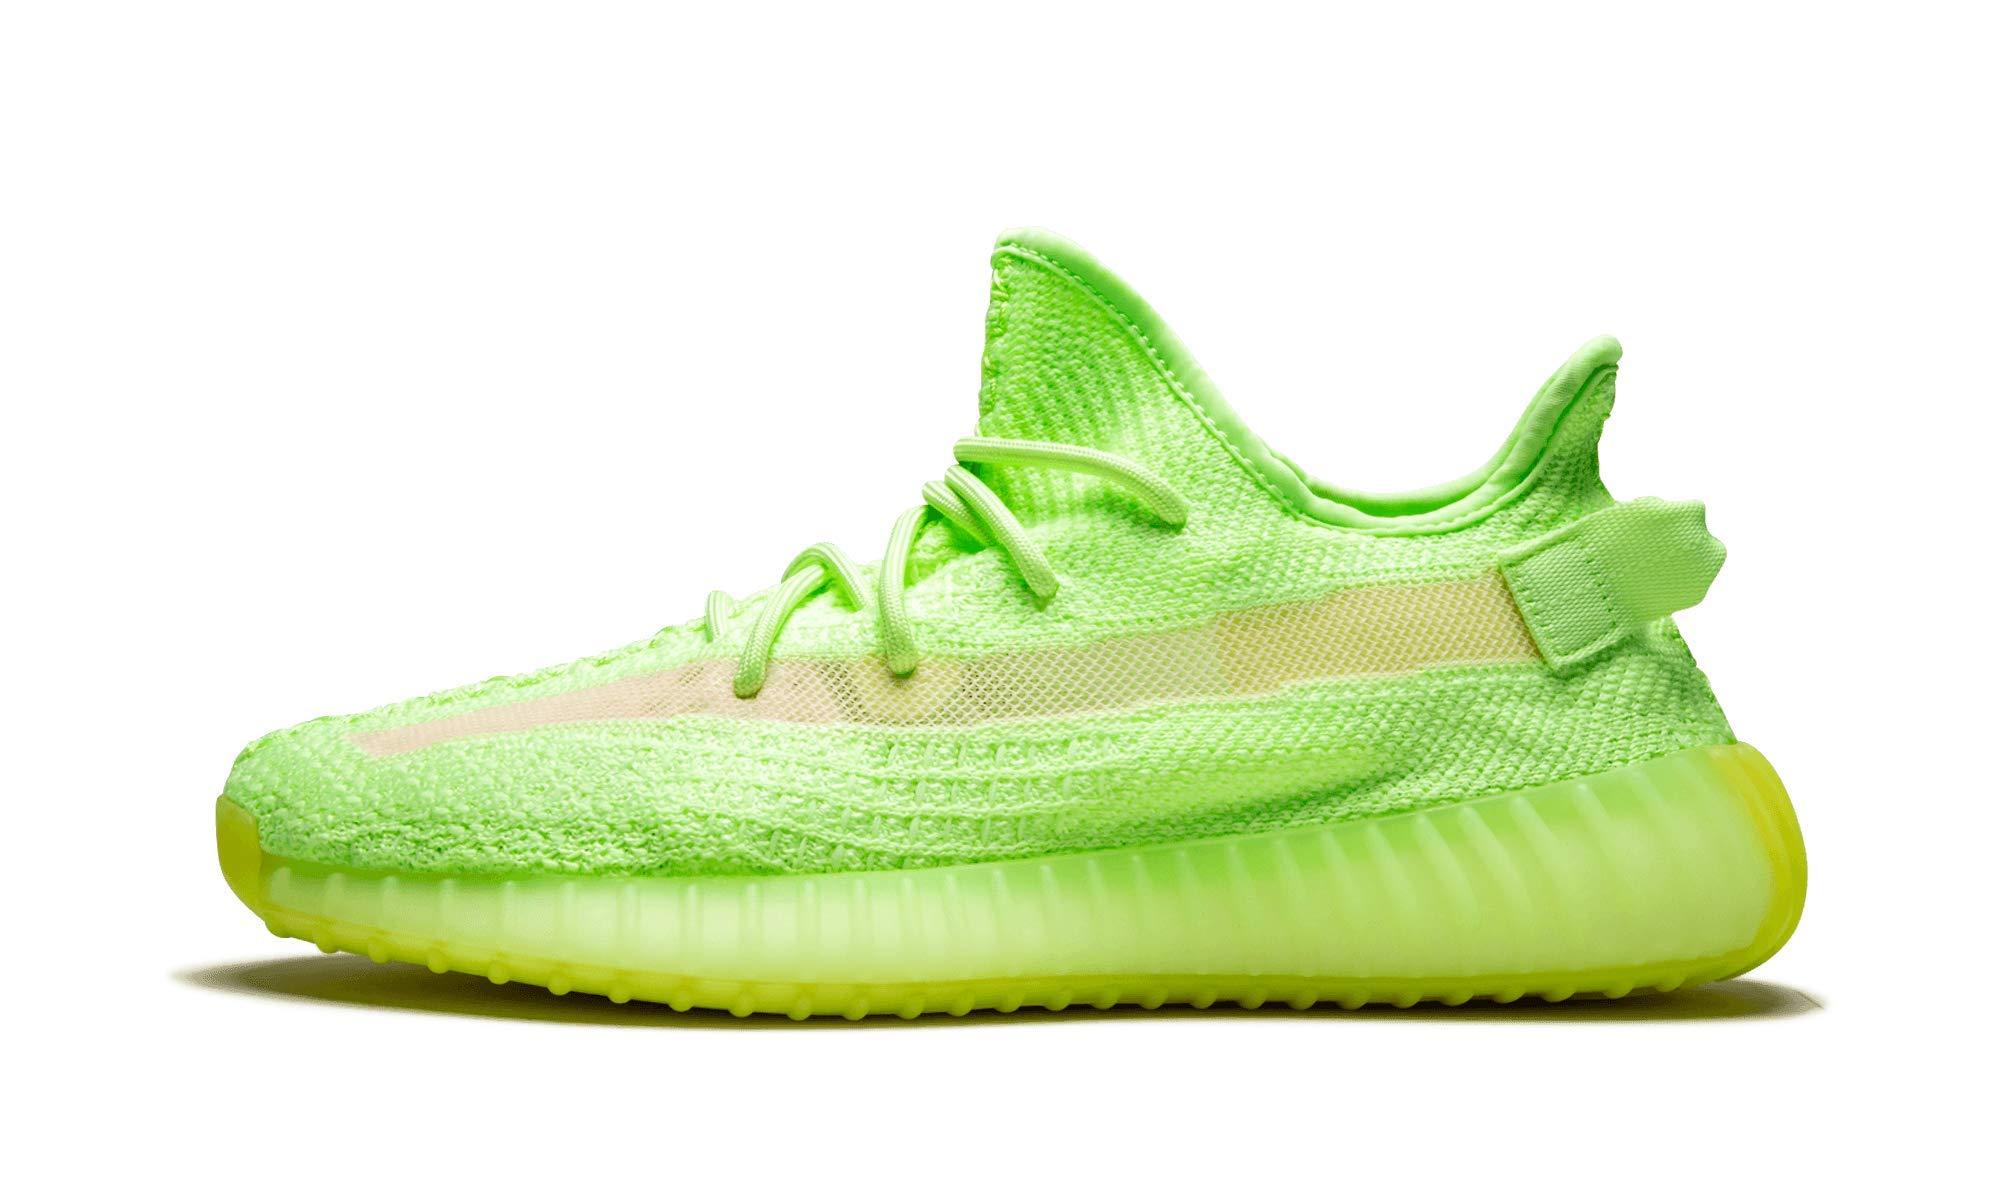 adidas Yeezy Boost 350 V2 (Glow/Glow-Glow 6) by adidas